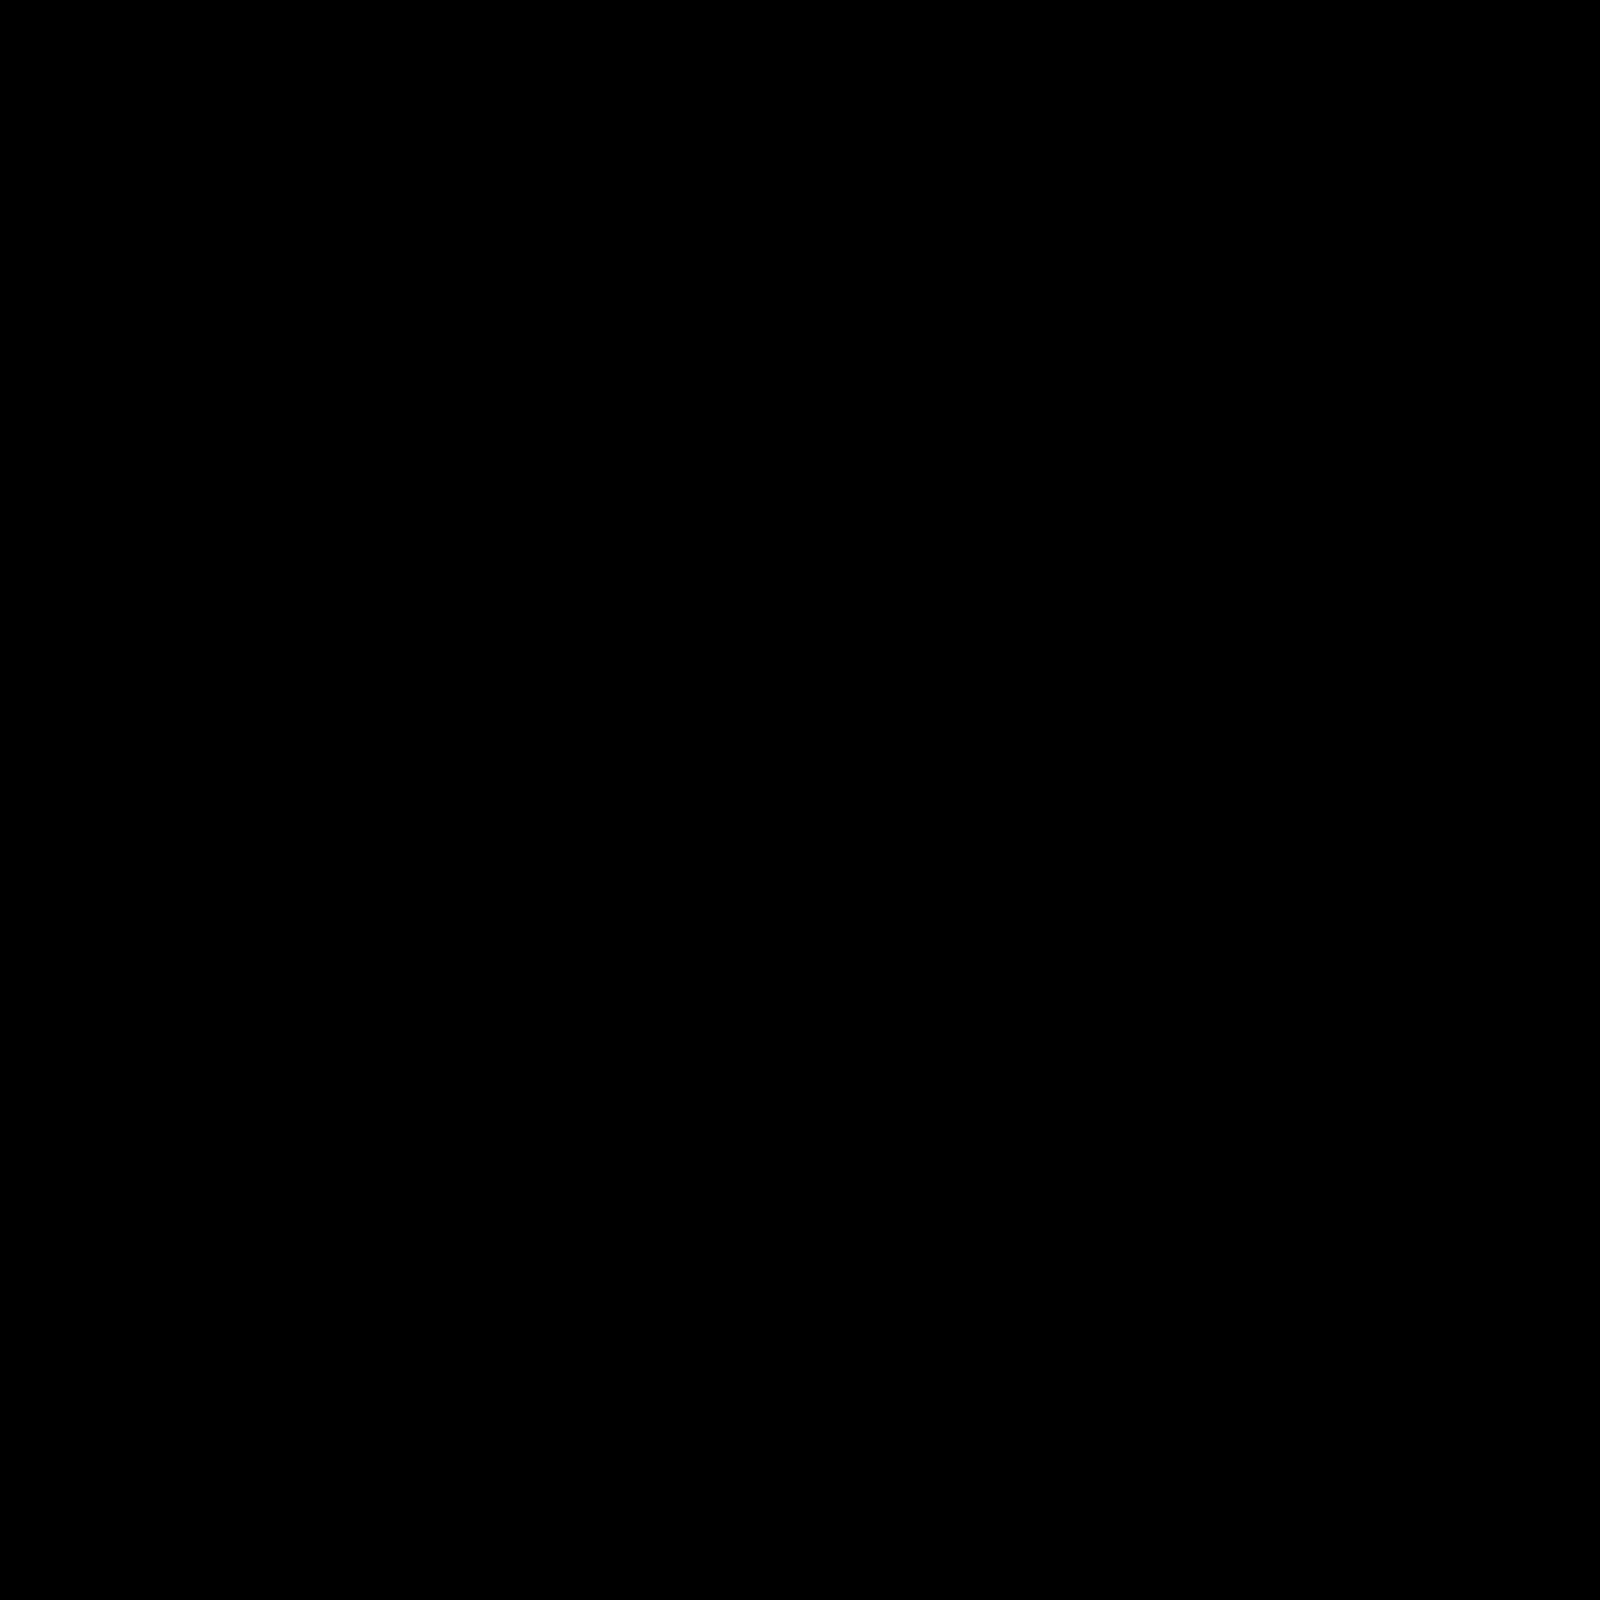 加入购物车 icon. It's a logo of a shopping cart. It is a two wheeled cart with a handle to stand behind and push. In the center of the basket is the plus sign signifying the addition of an item to your cart.